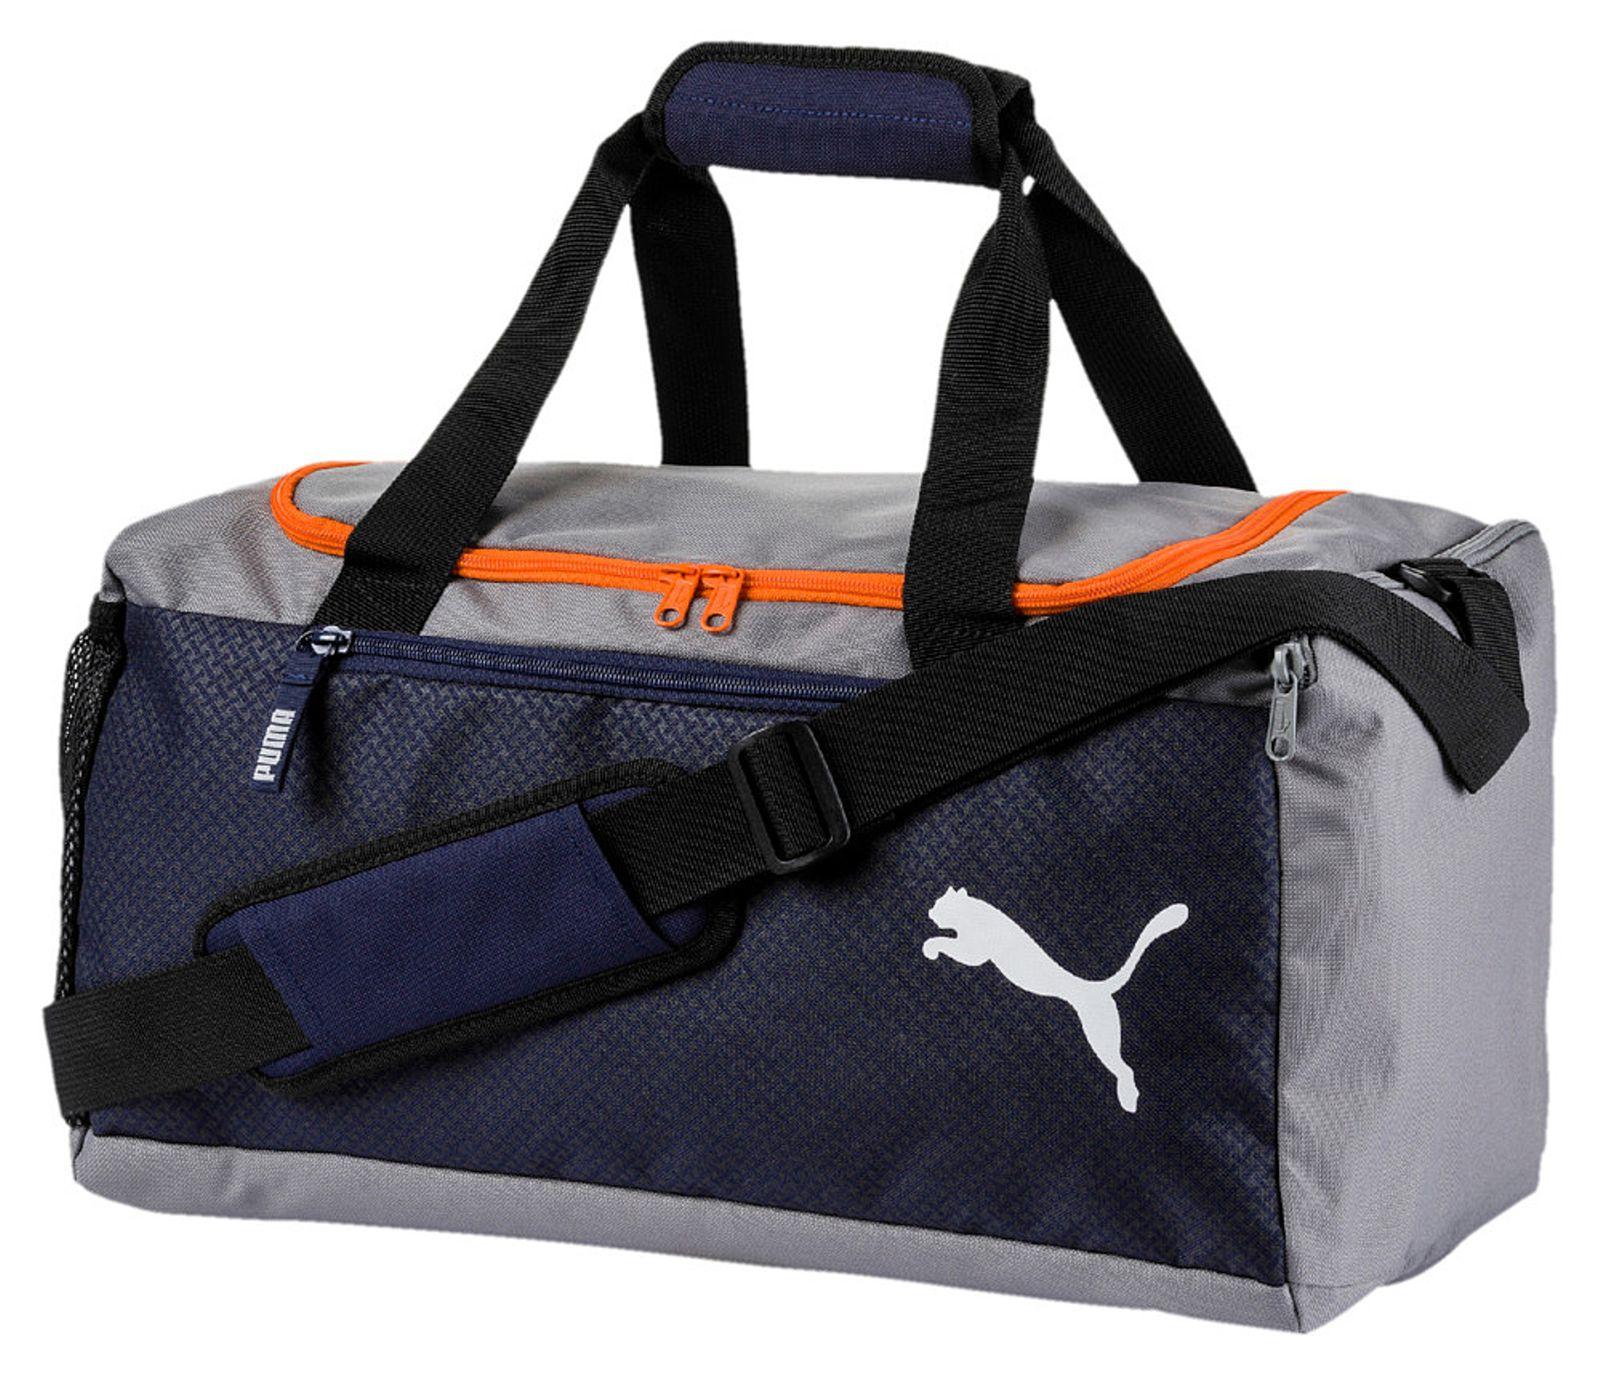 PUMA Fundamentals Sports Bag S Peacoat Firecracker